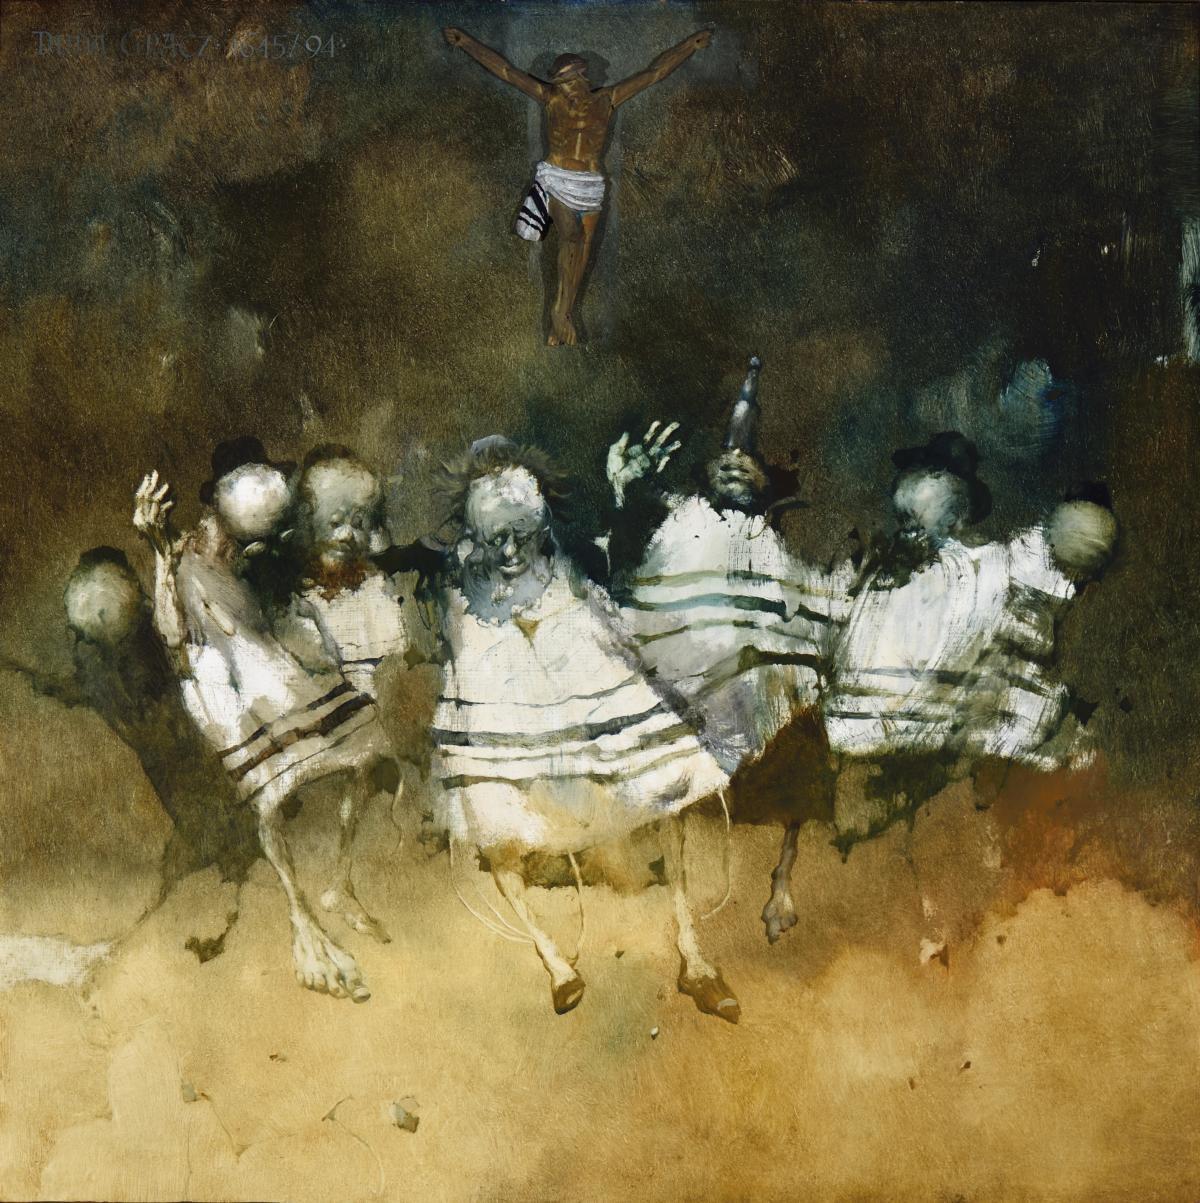 Jerzy Duda-Gracz, Obraz 1645 / Taniec ekumeniczny AD. 2000, 1994, olej napłycie pilśniowej, 80 × 80 cm; dzięki uprzejmości CSW Znaki Czasu wToruniu